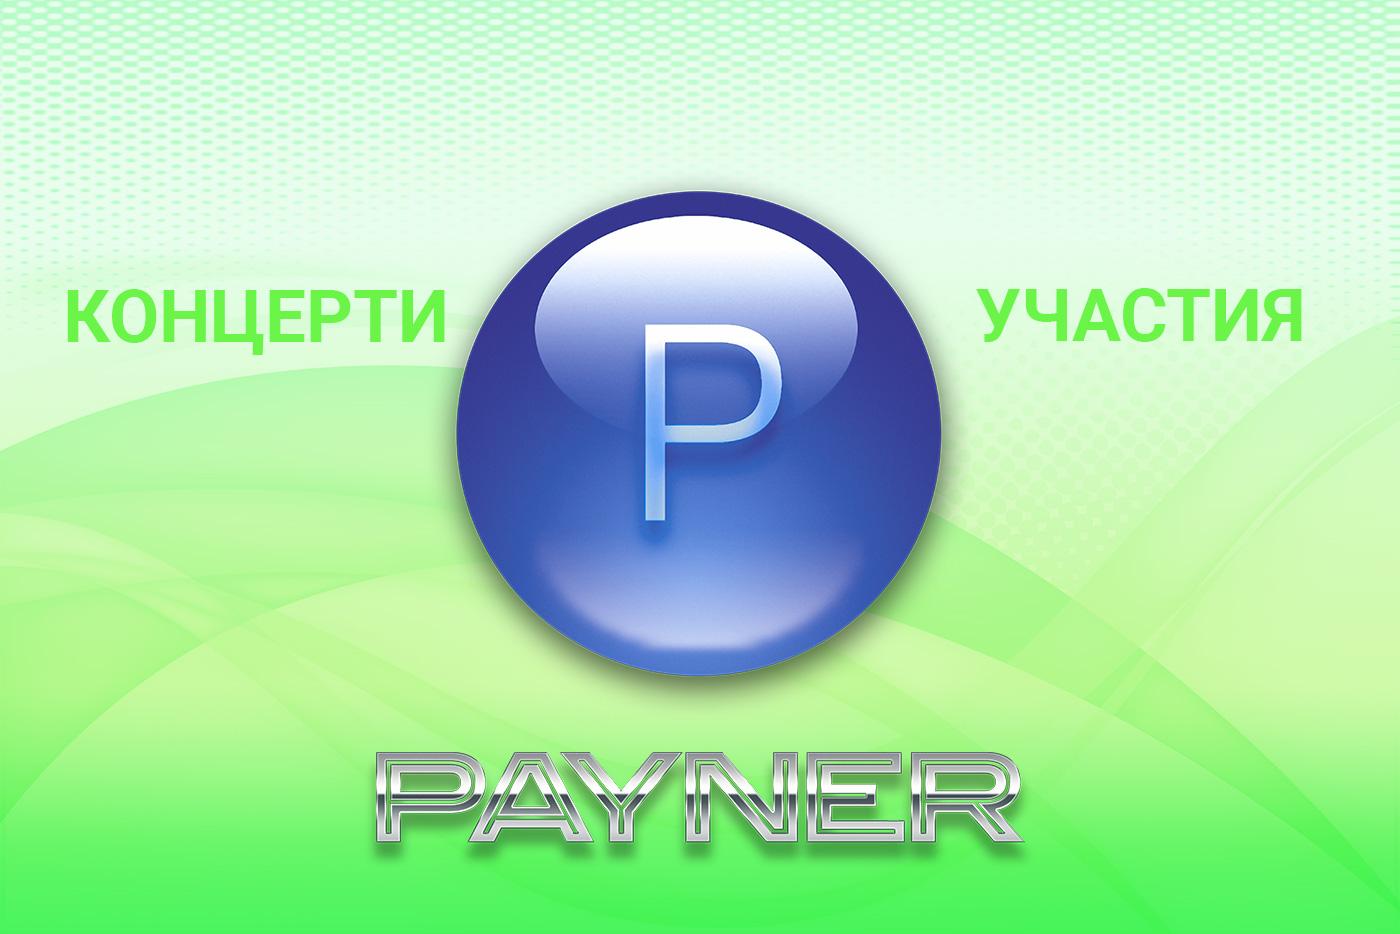 """Участия на звездите на """"Пайнер"""" на 21.02.2019"""